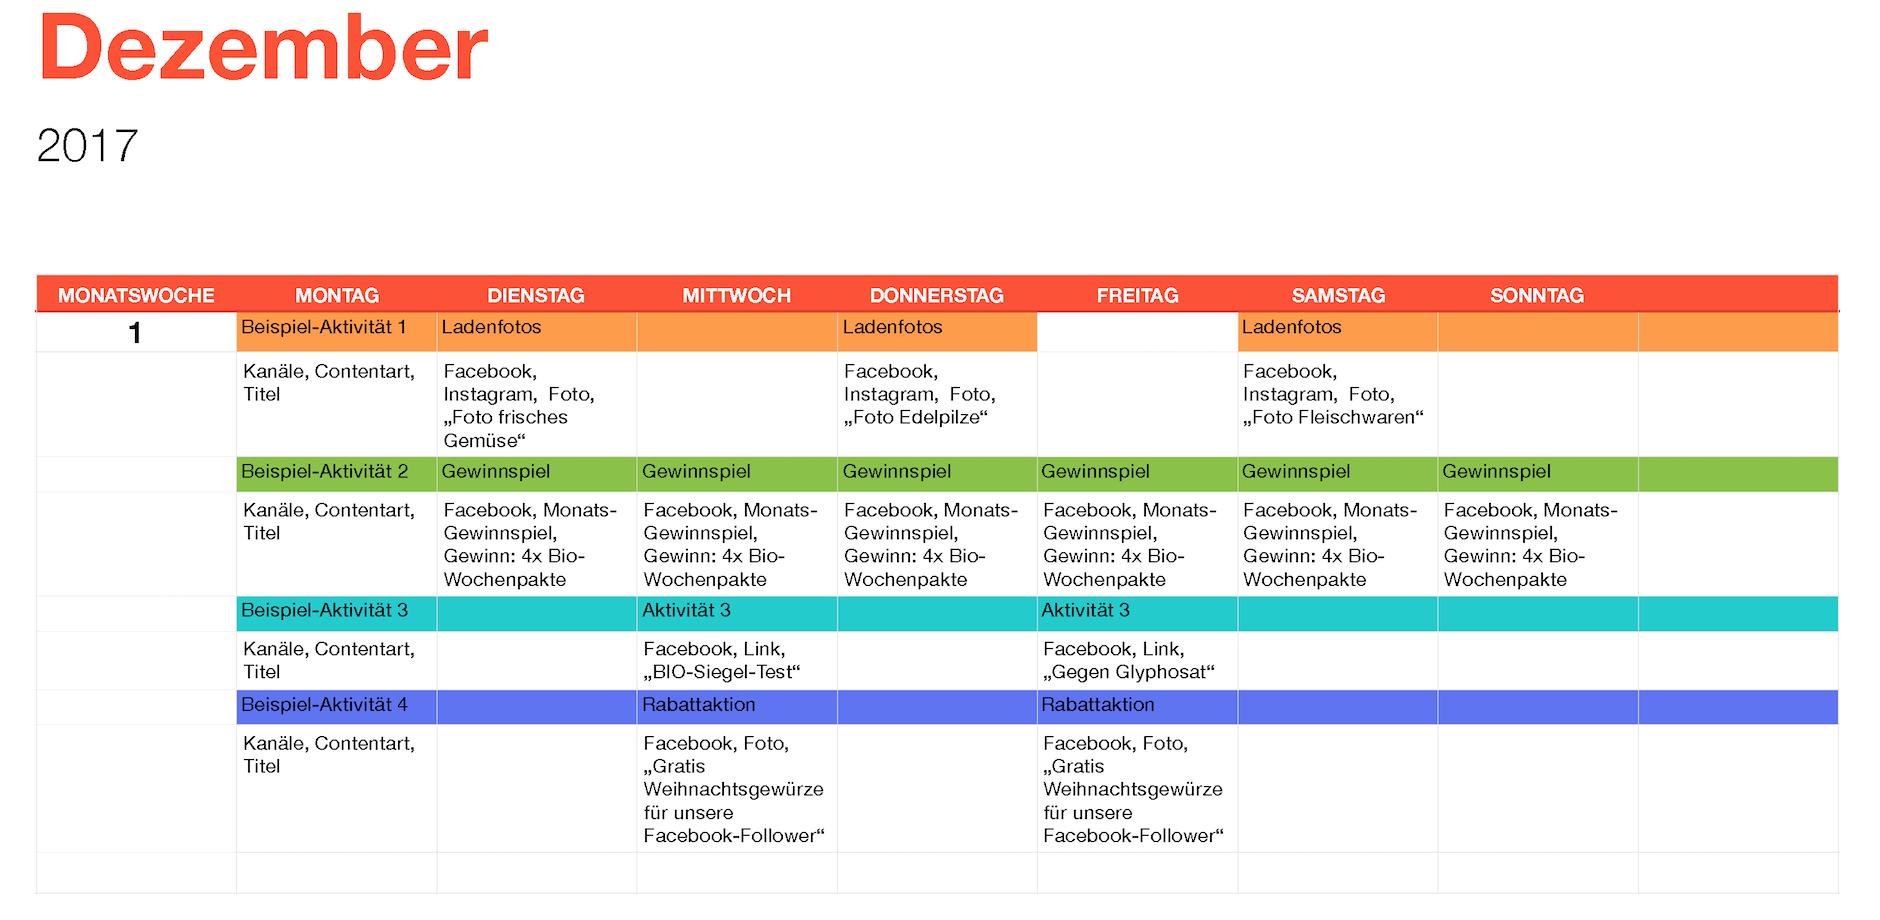 Social Media Strategie - Der Social Media Kalender